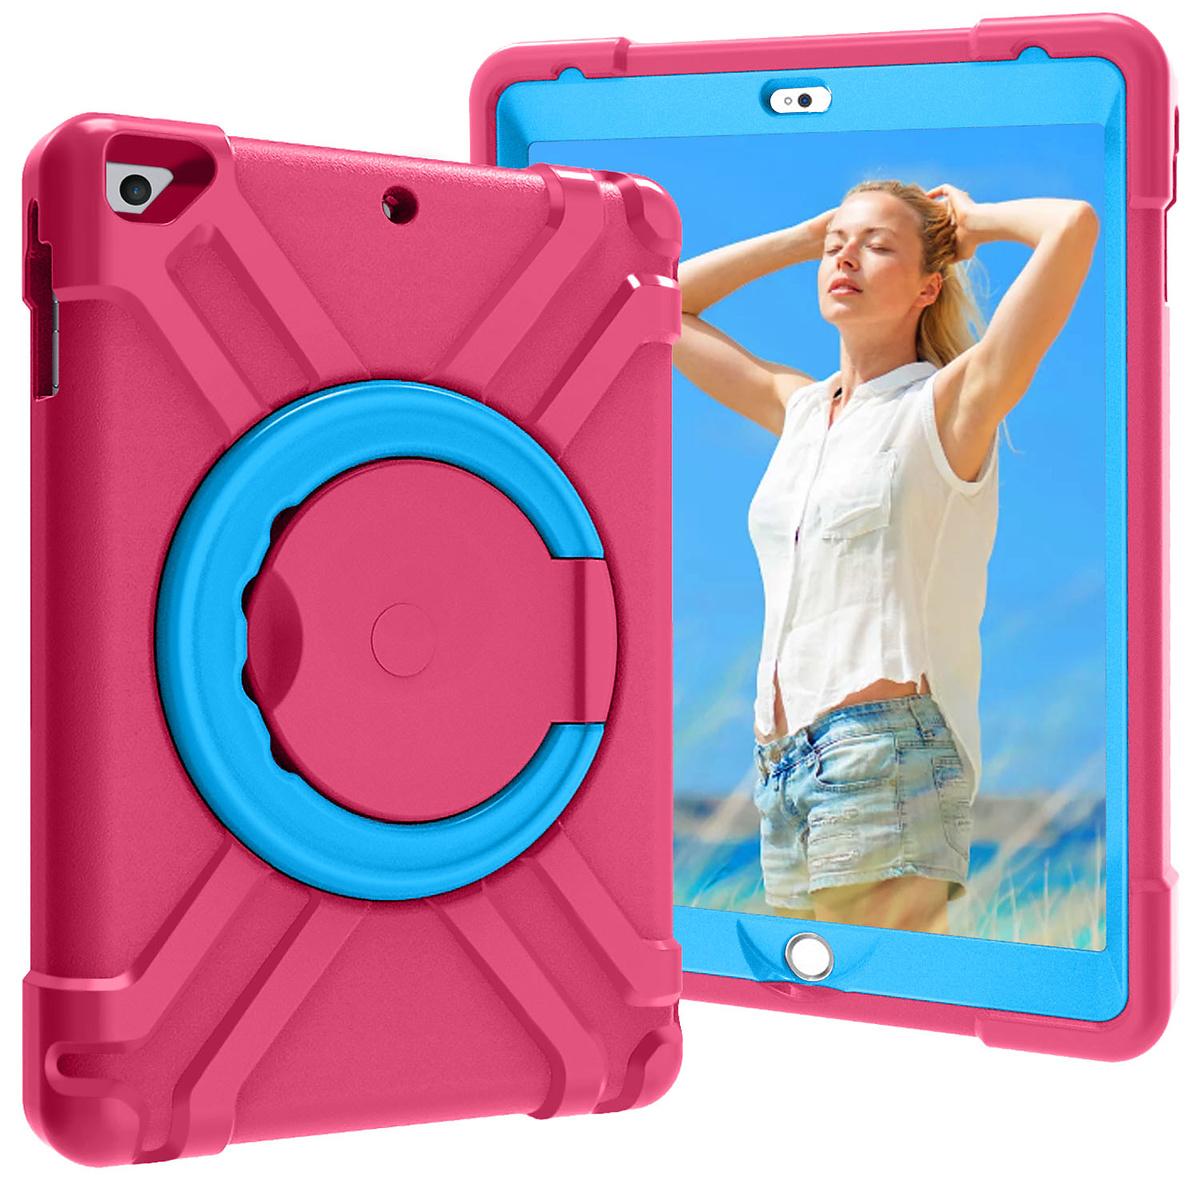 Barnfodral med ställ iPad 9.7, Air/Air2, Pro 9.7, rosa/blå